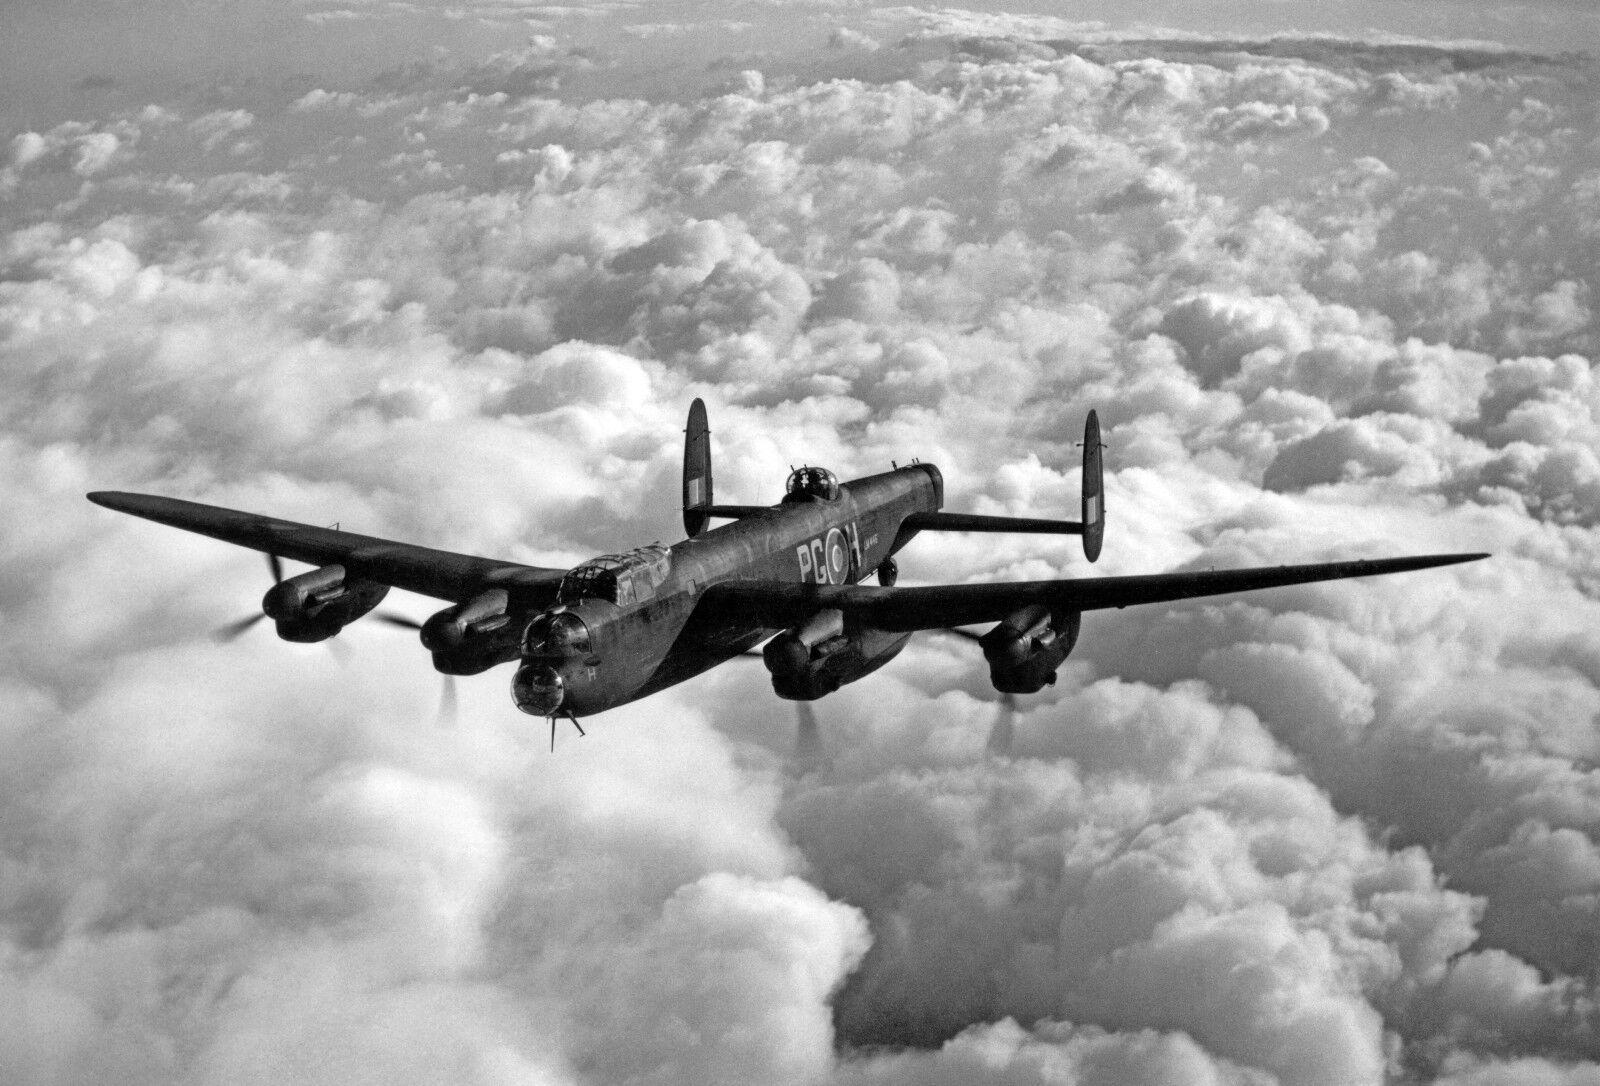 RAF Avro Lancaster Bomber Aviation Photo Memorabilia 065